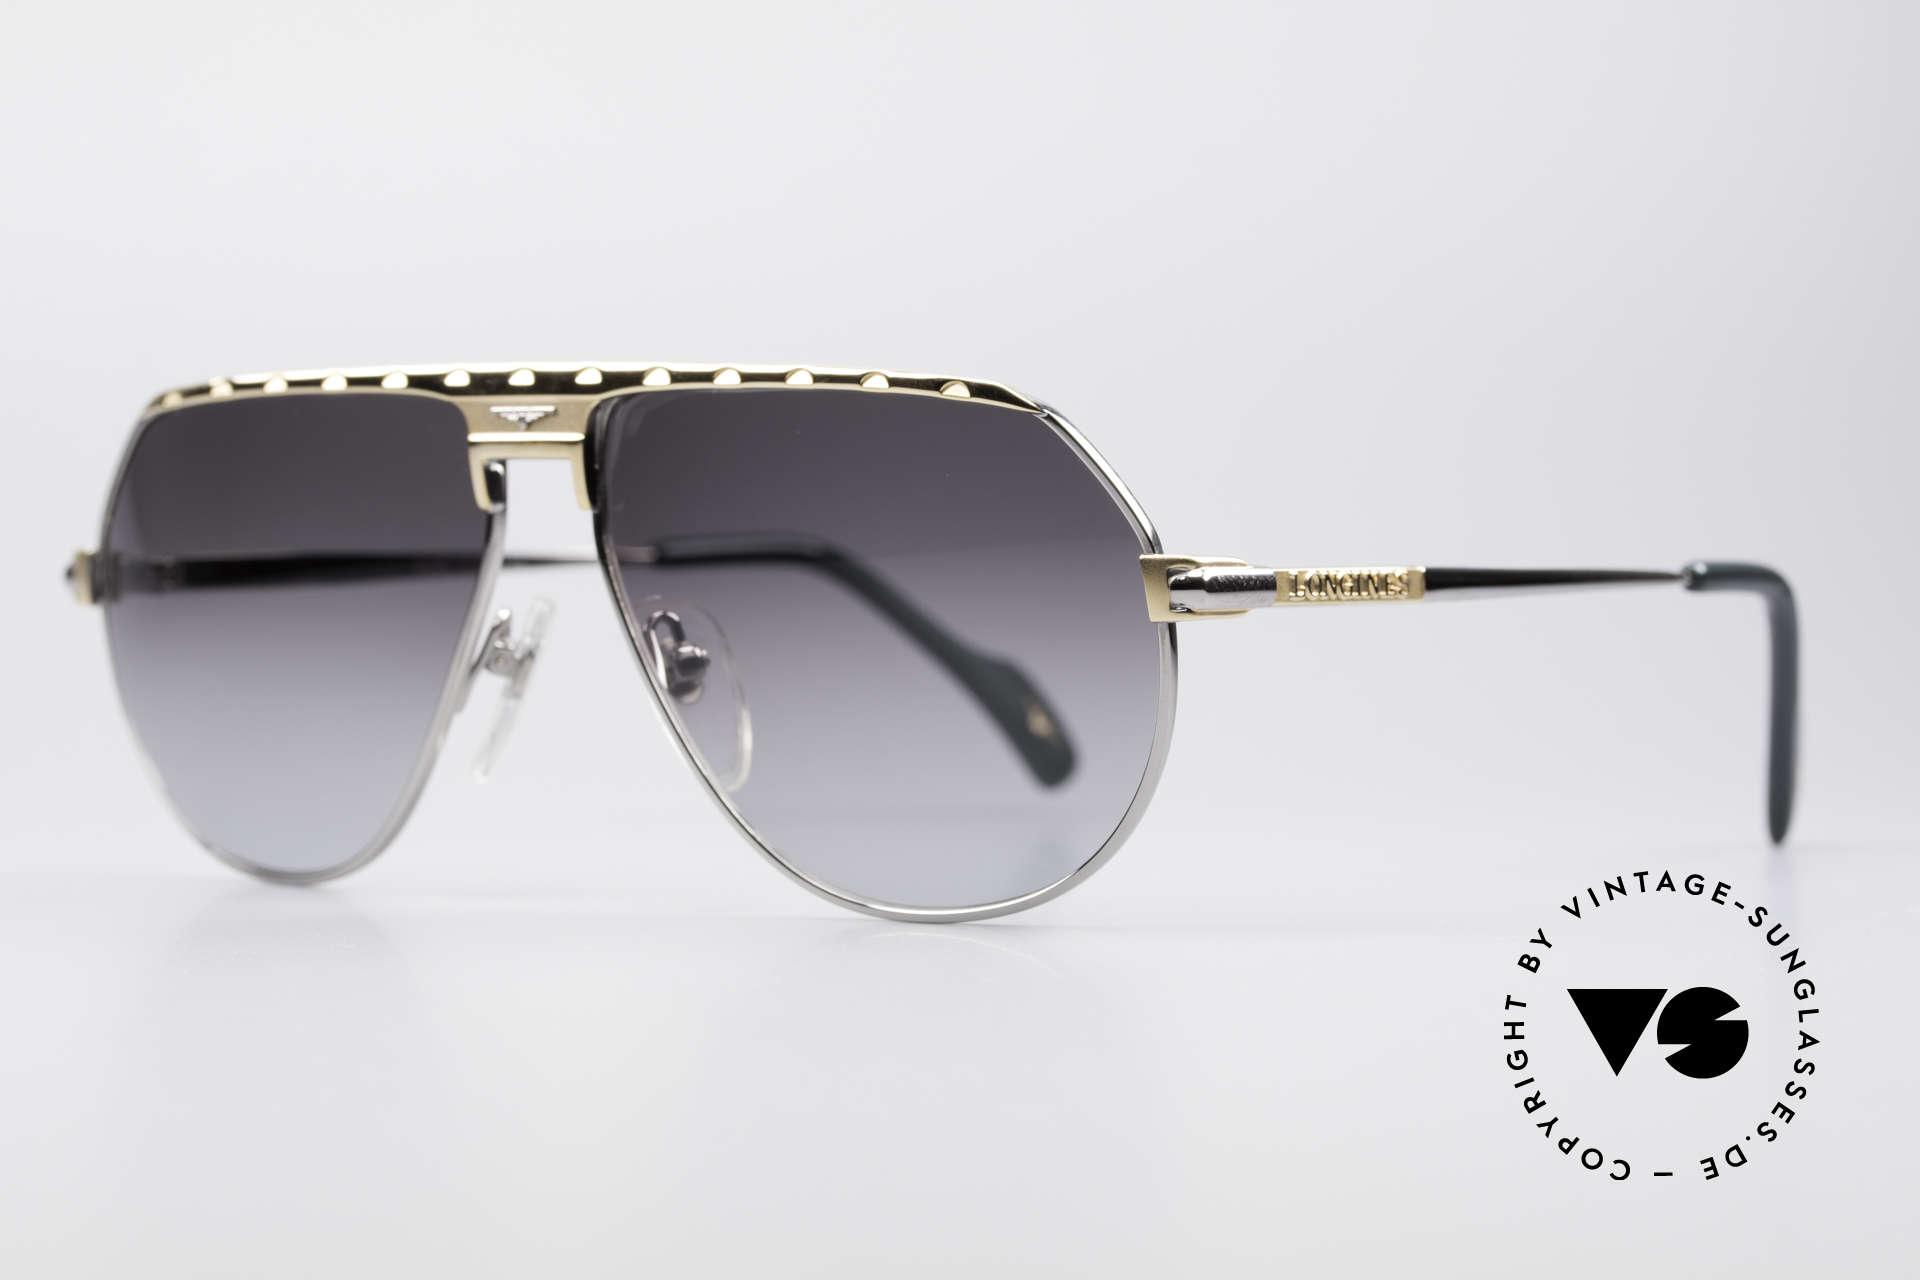 Longines 0151 80er Titanium Sonnenbrille, 'PURE TITANIUM' Rahmen und entsprechend leicht, Passend für Herren